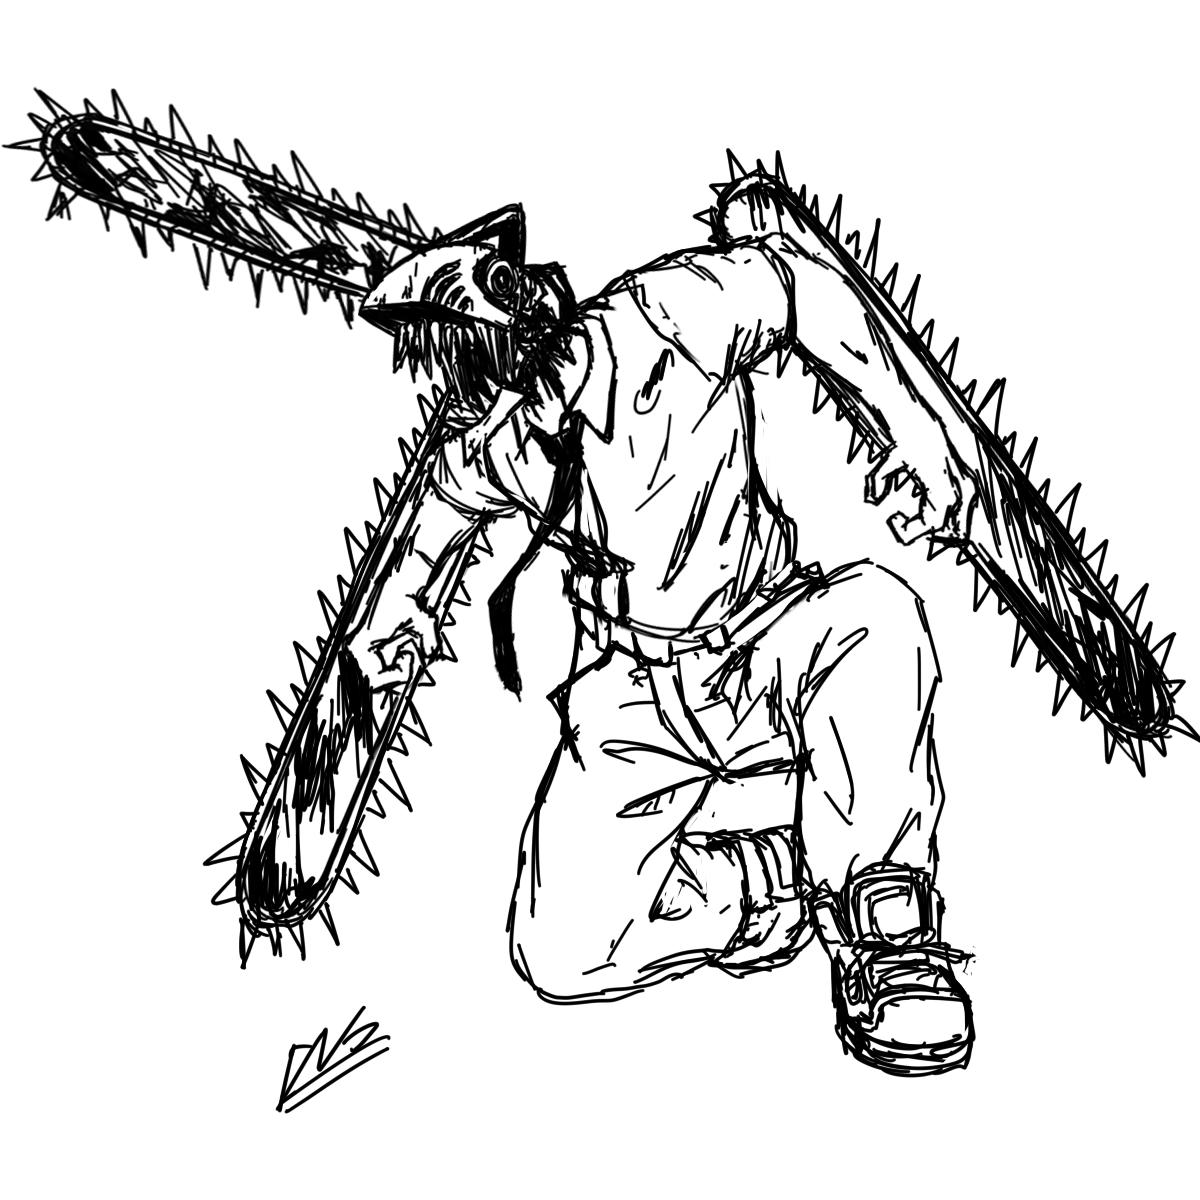 Drew chainsaw man